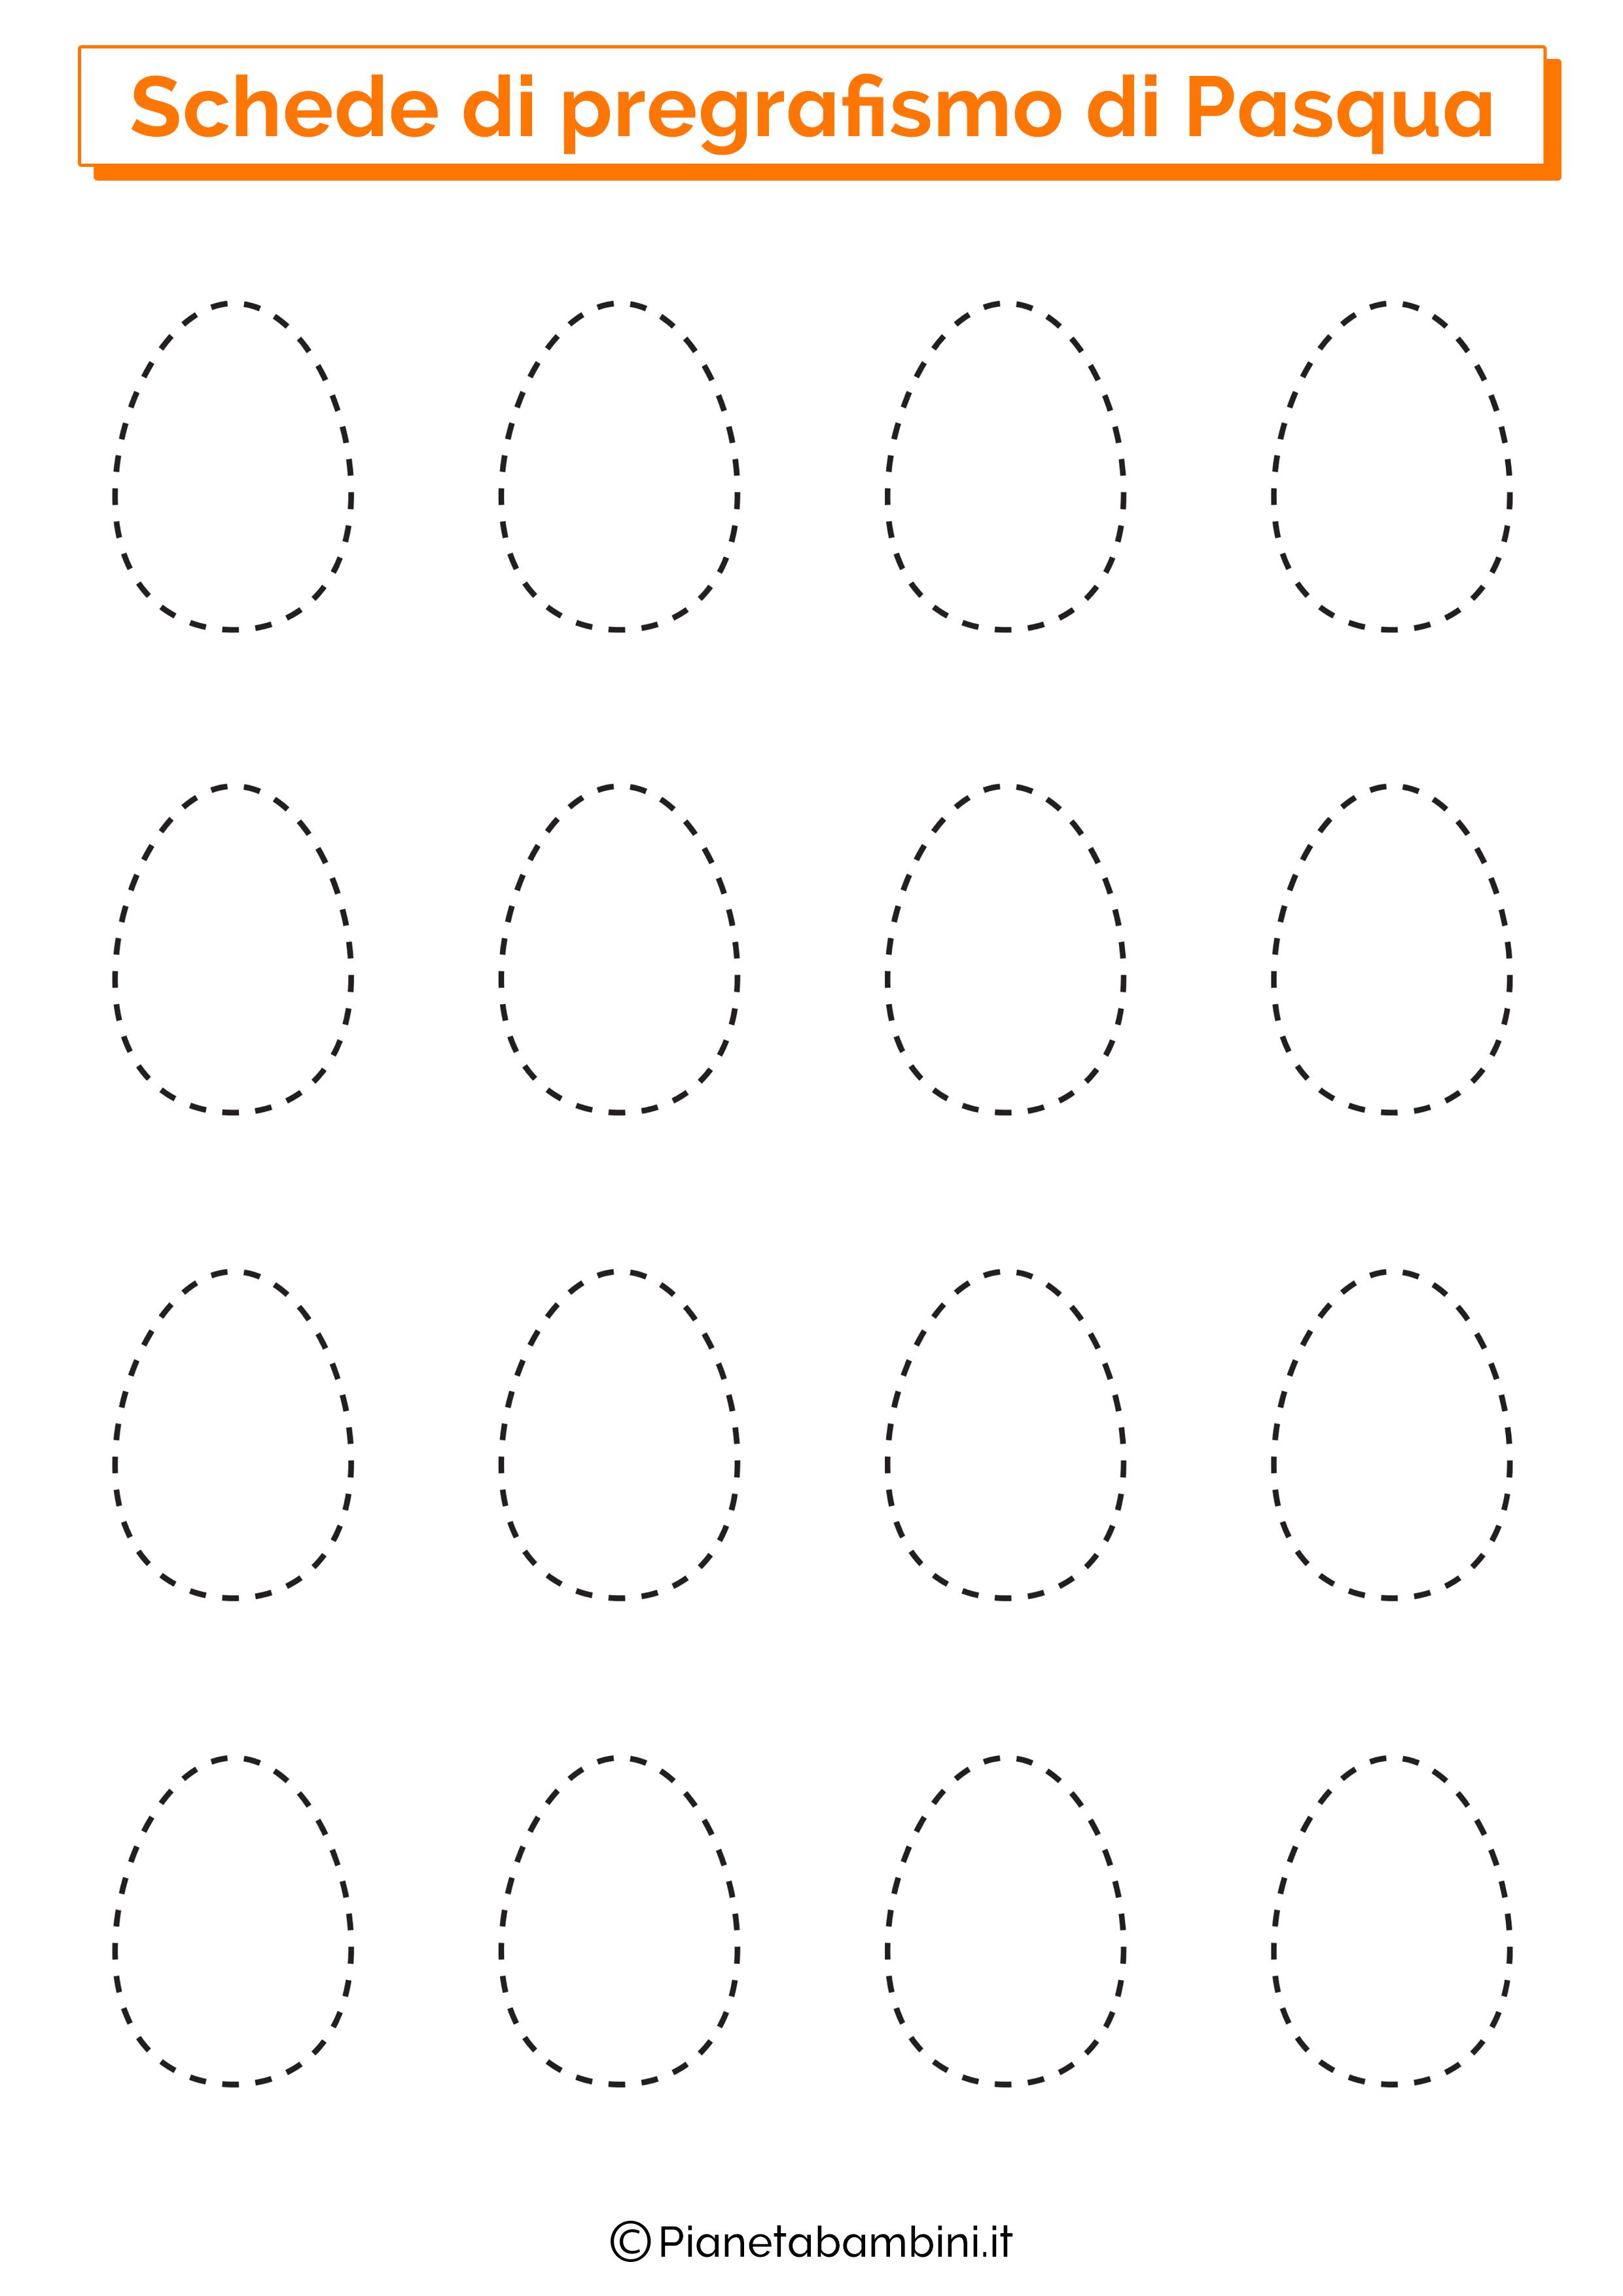 Scheda di pregrafismo di Pasqua sulle uova